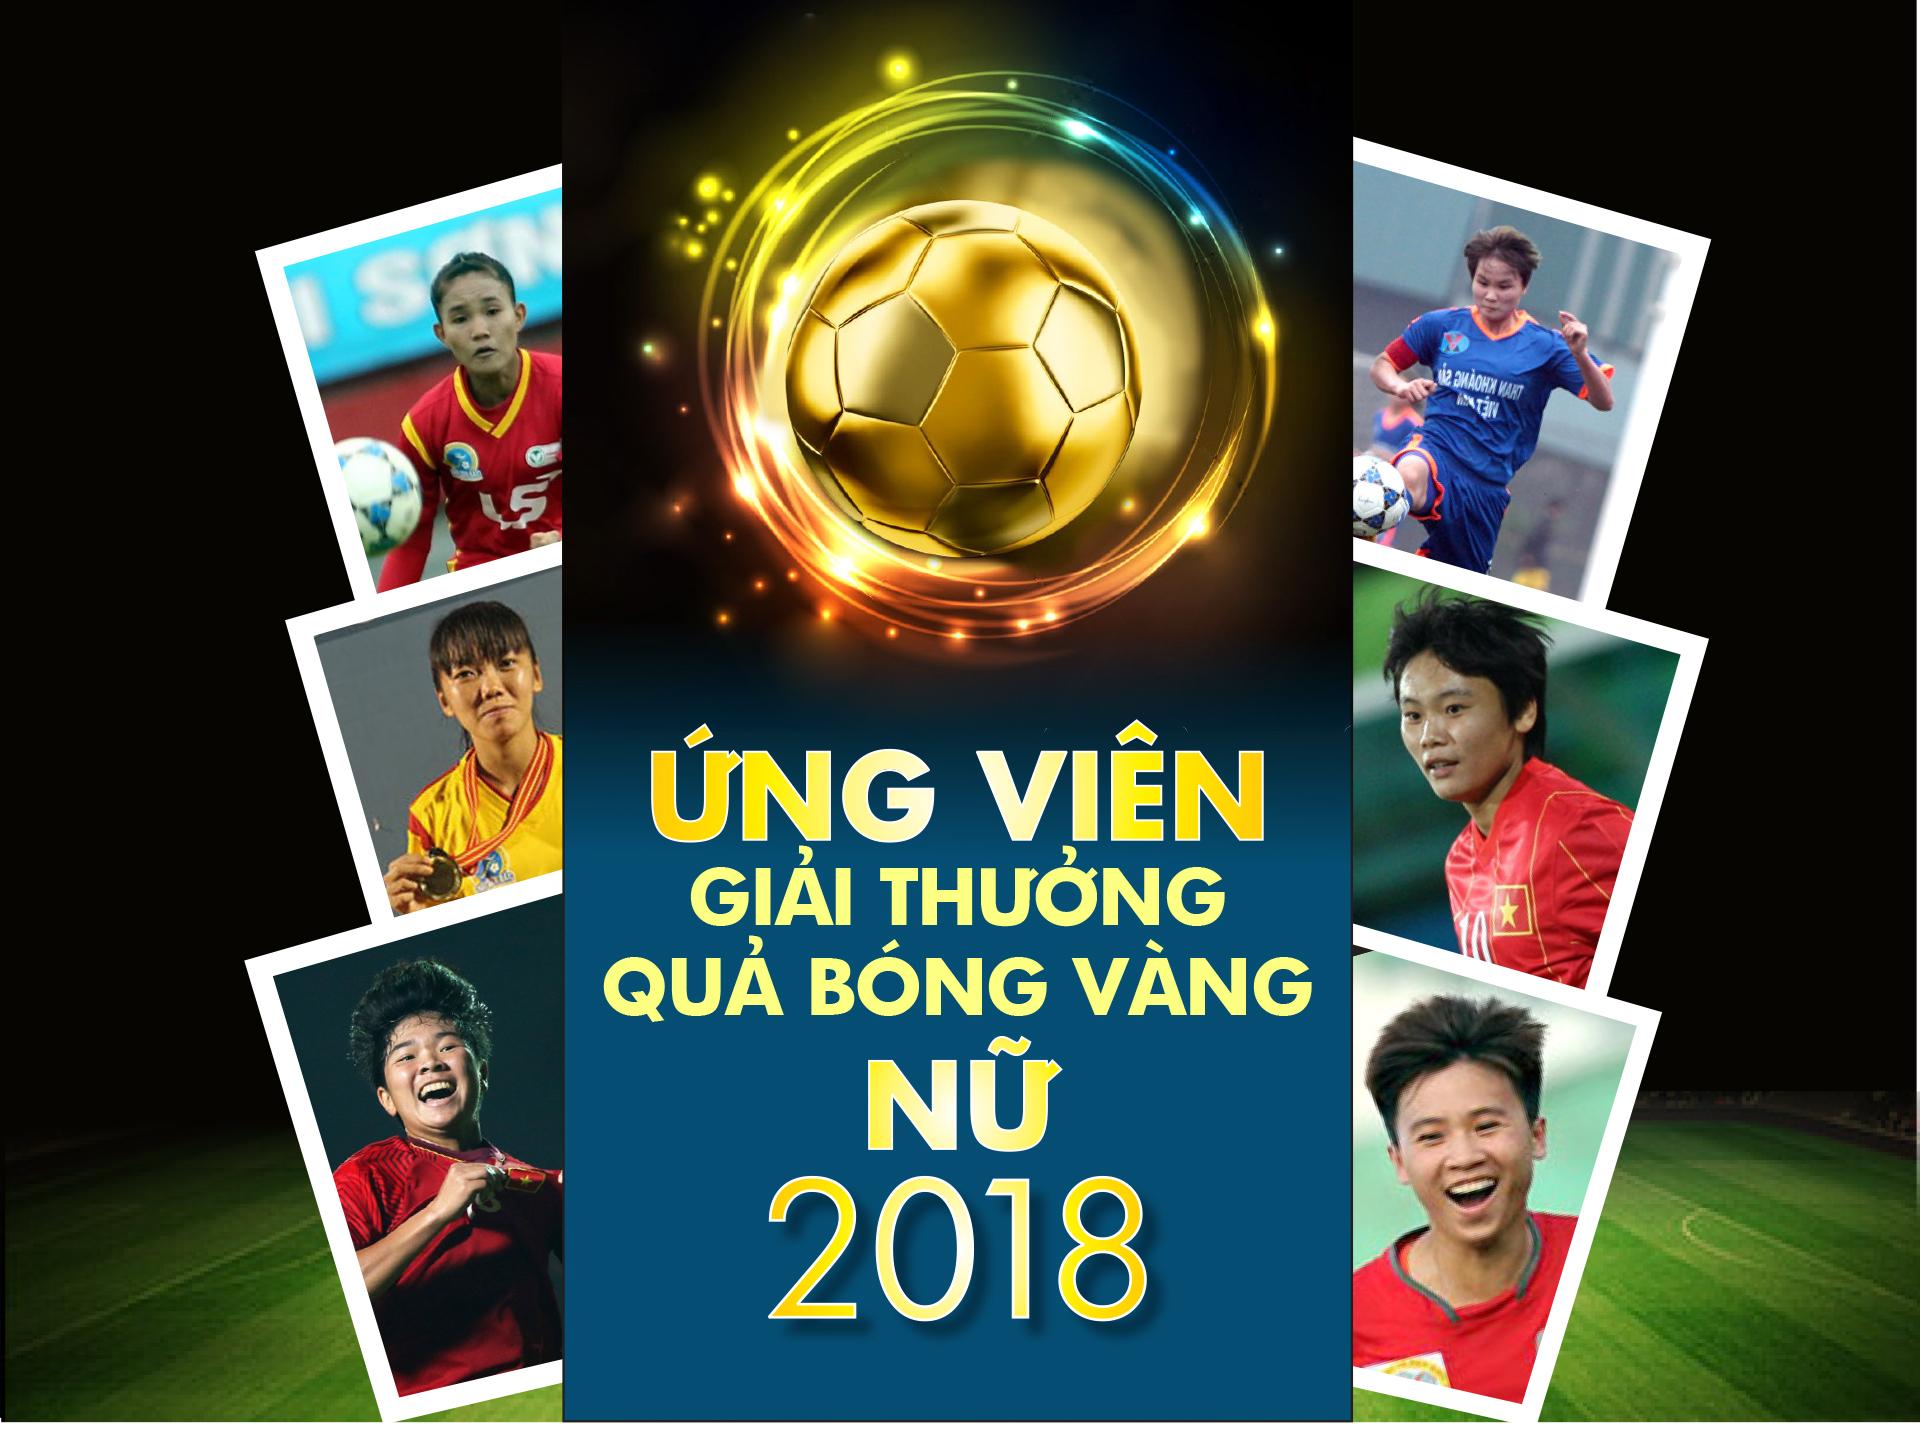 Danh sách ứng viên giải thưởng Quả bóng vàng nữ 2018